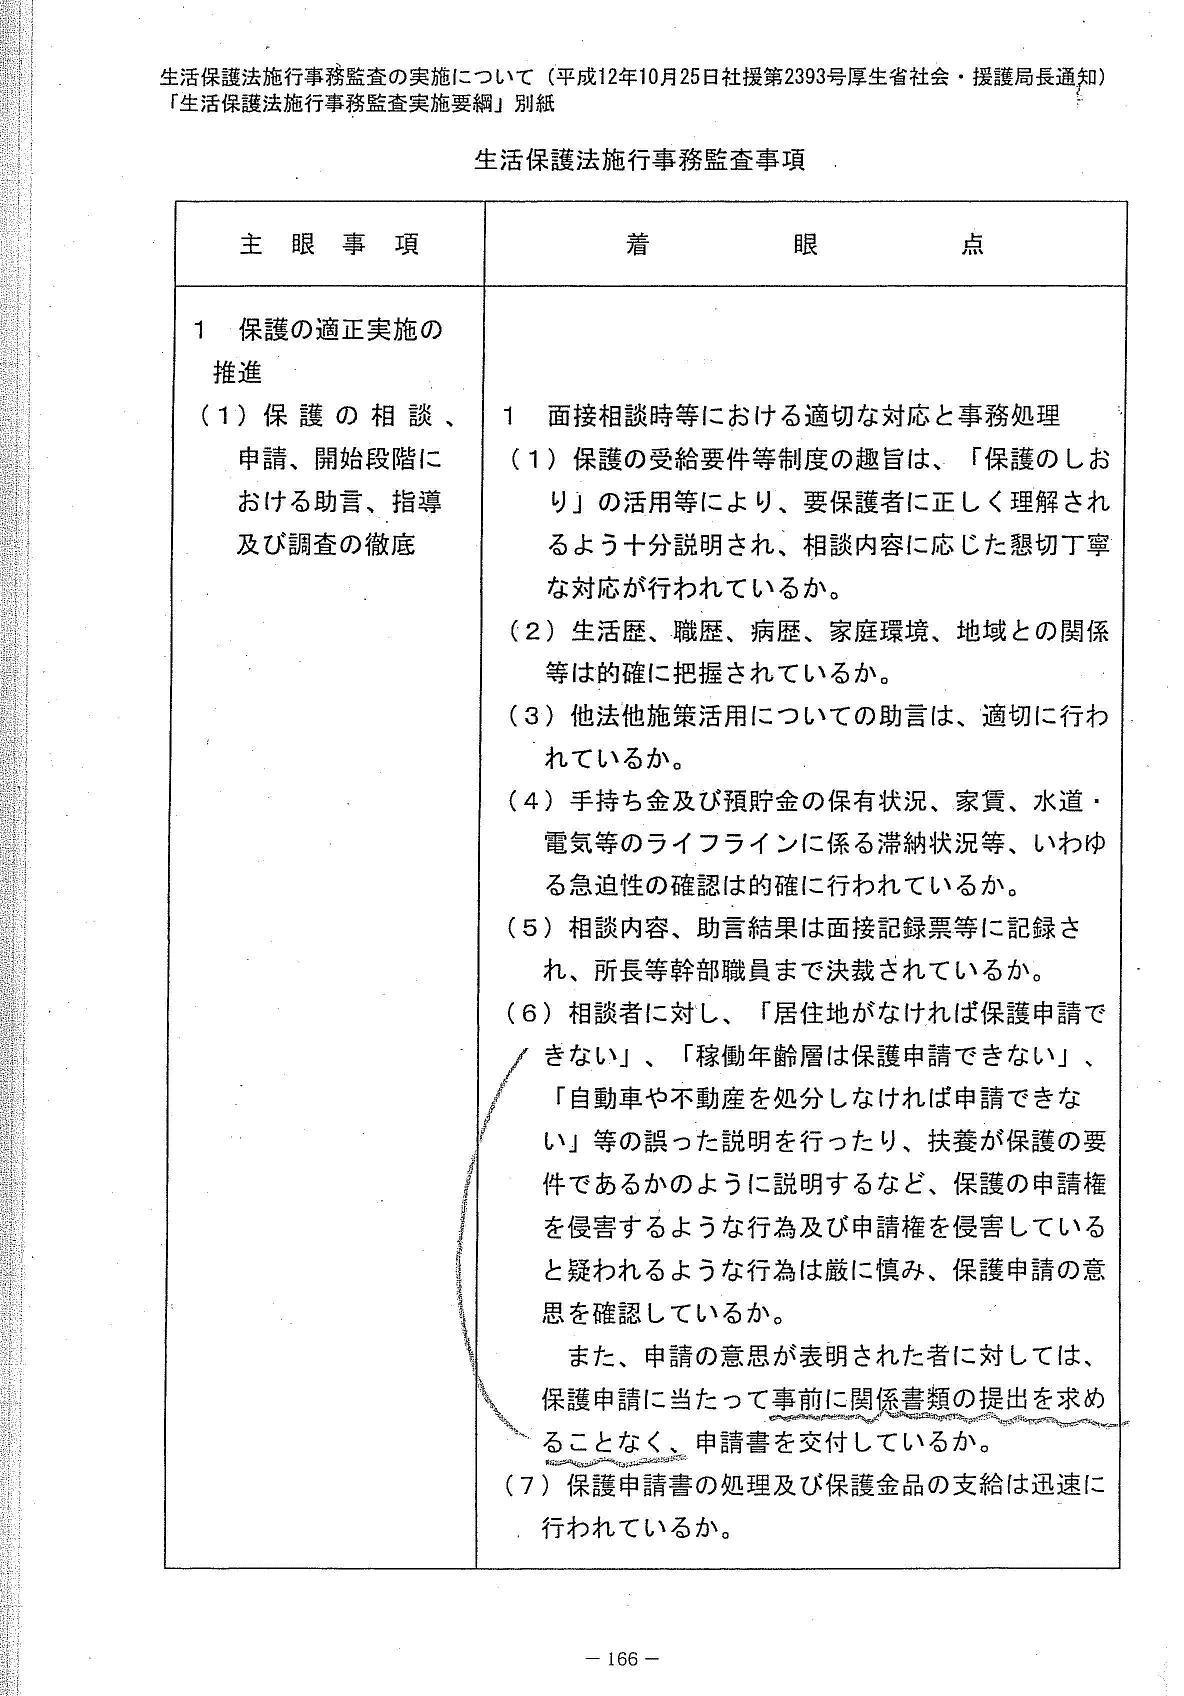 3/11 厚労省全国課長会議資料②